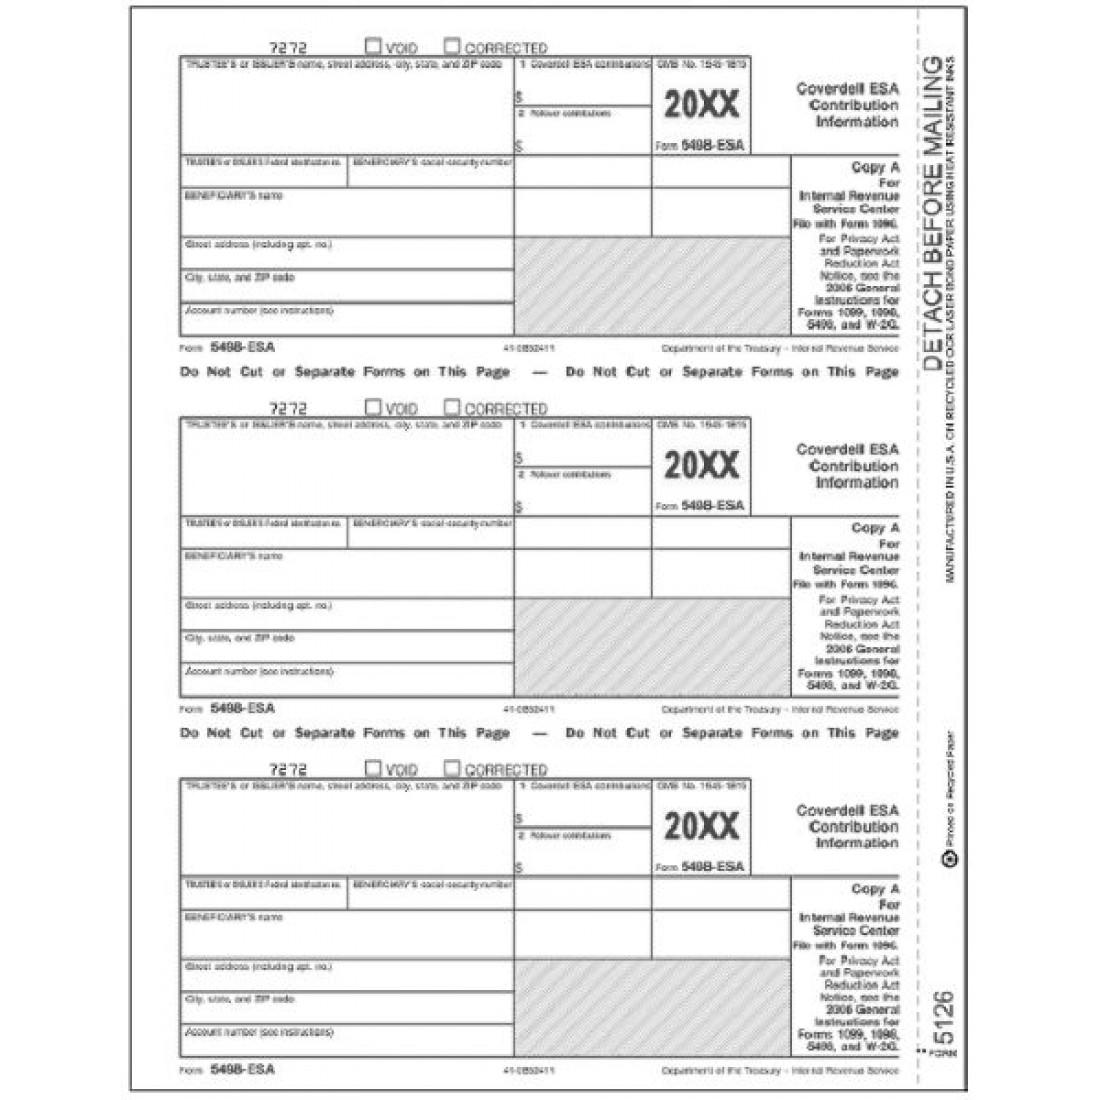 Laser 5498 ESA Federal Copy A TF5126 At Print EZ